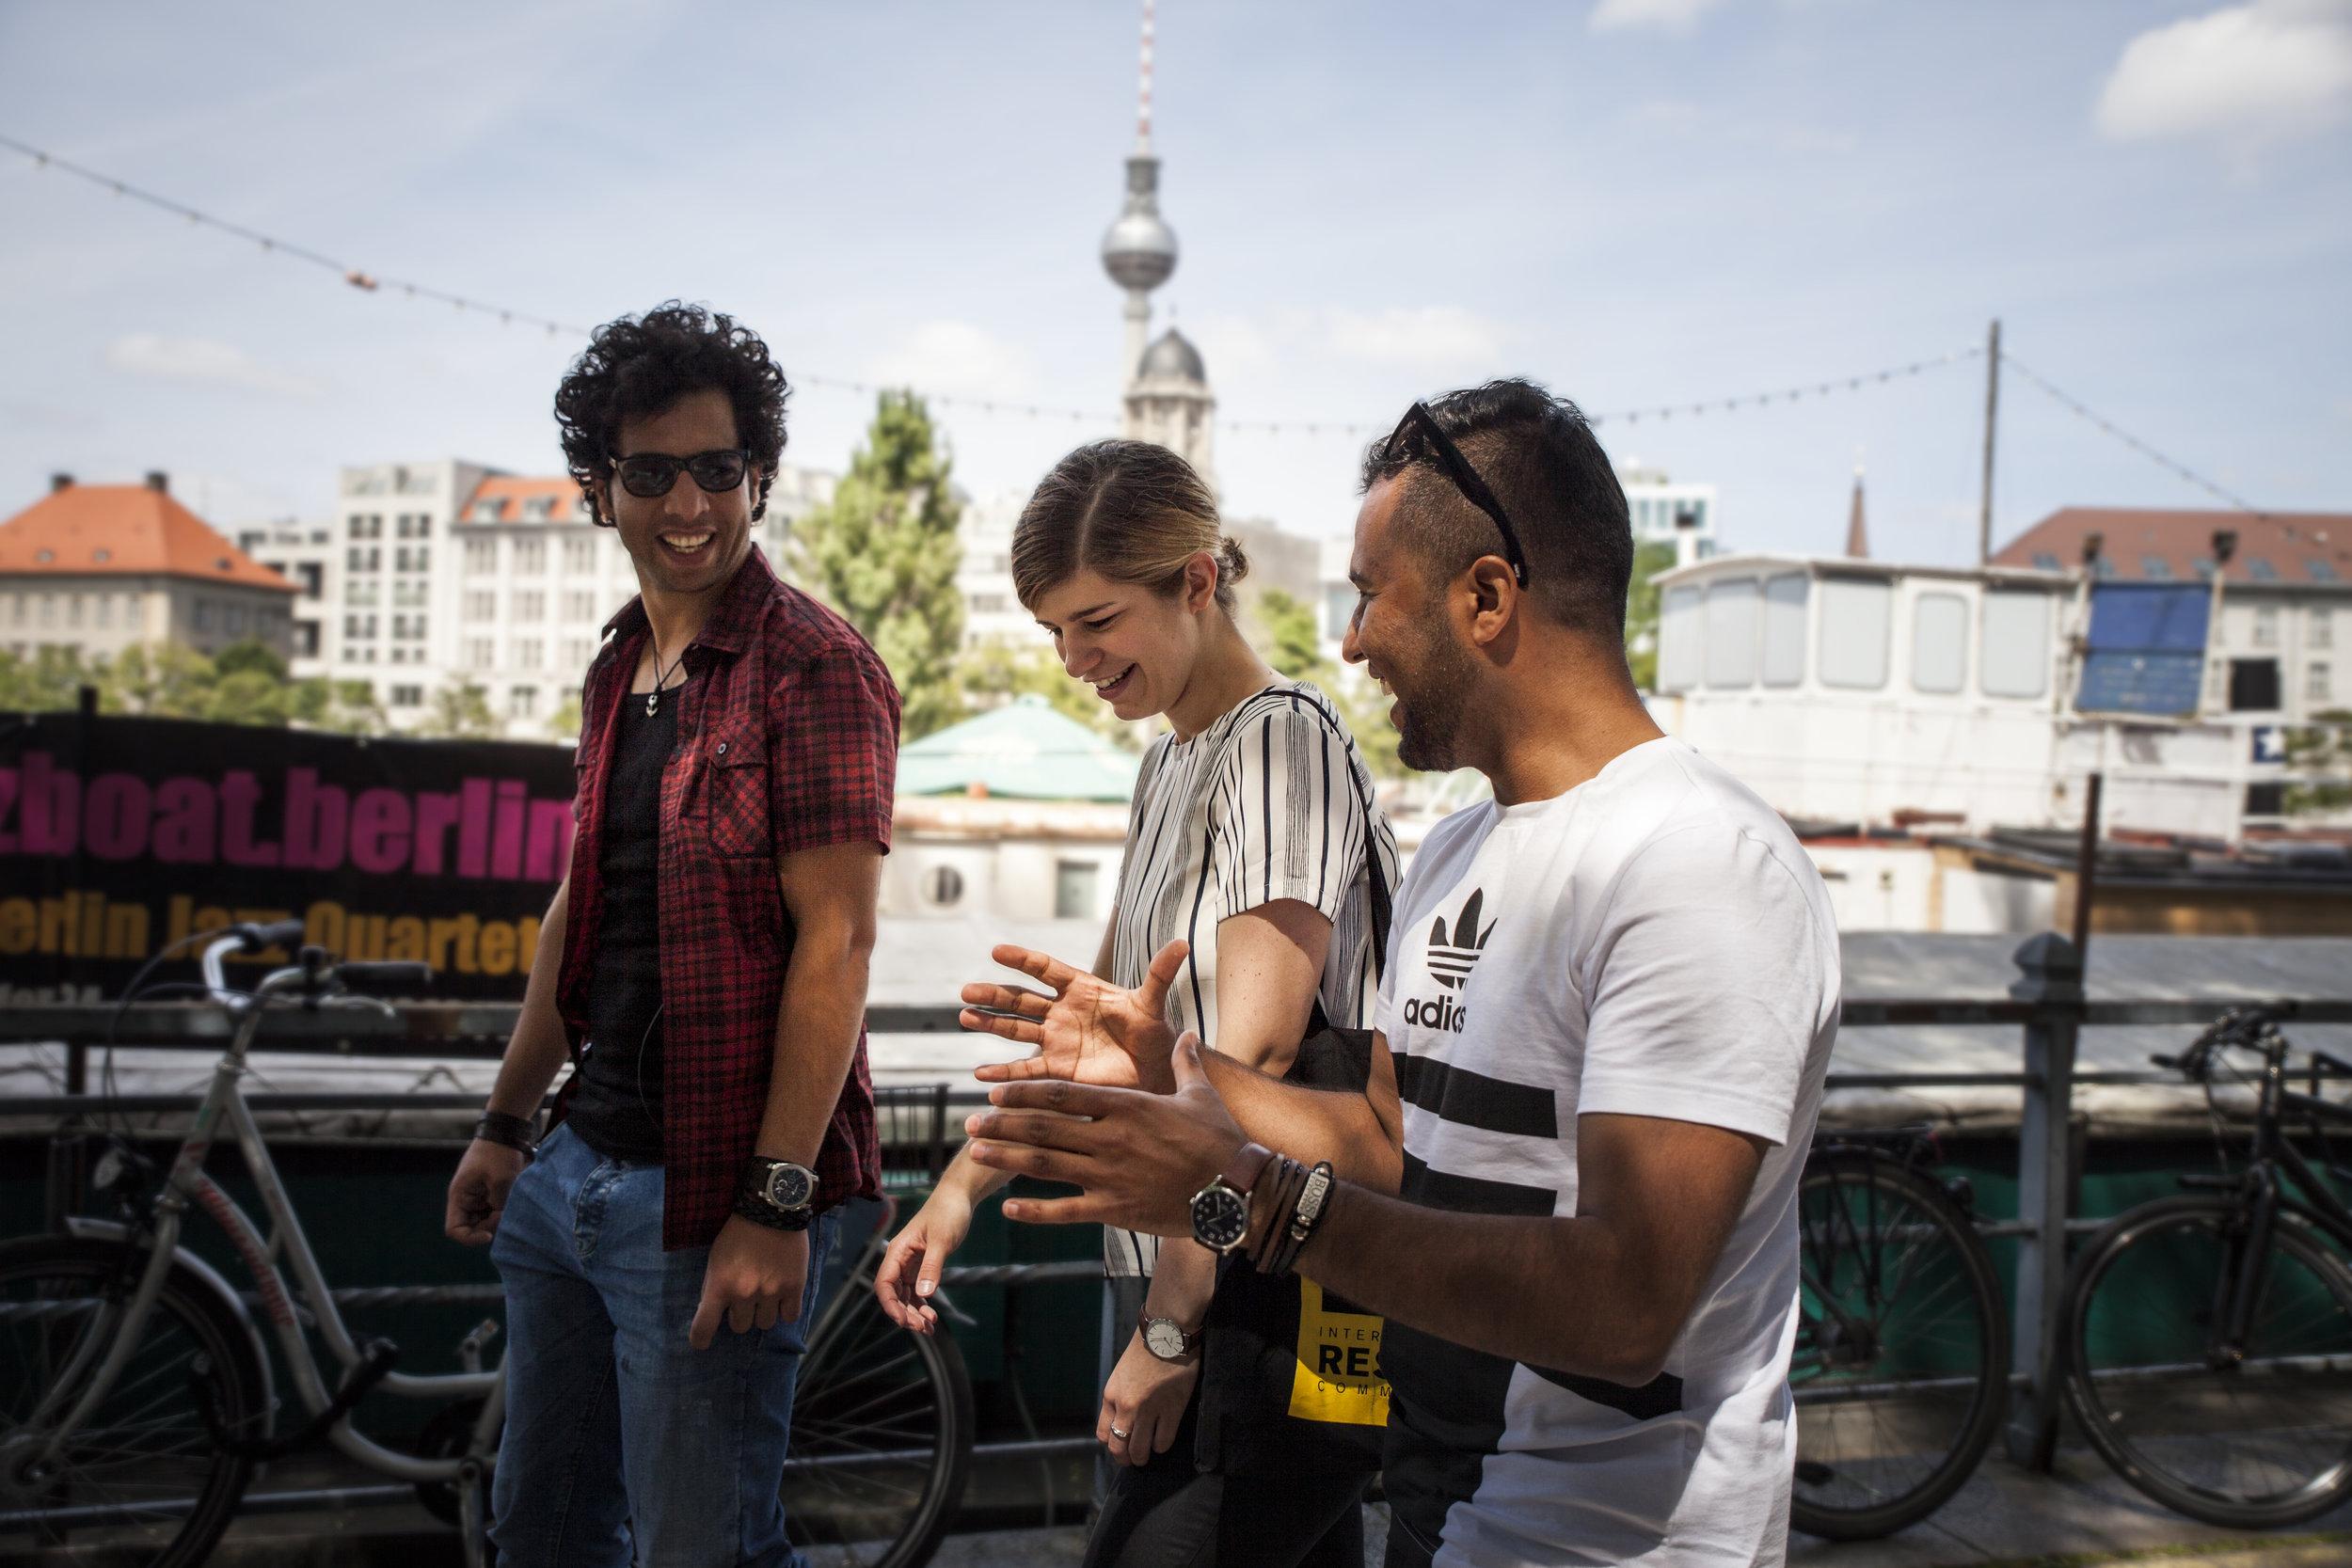 Programmleiterin Lisa Küchenhoff mit zwei Programmteilnehmern (Foto: IRC/Timo Stammberger).